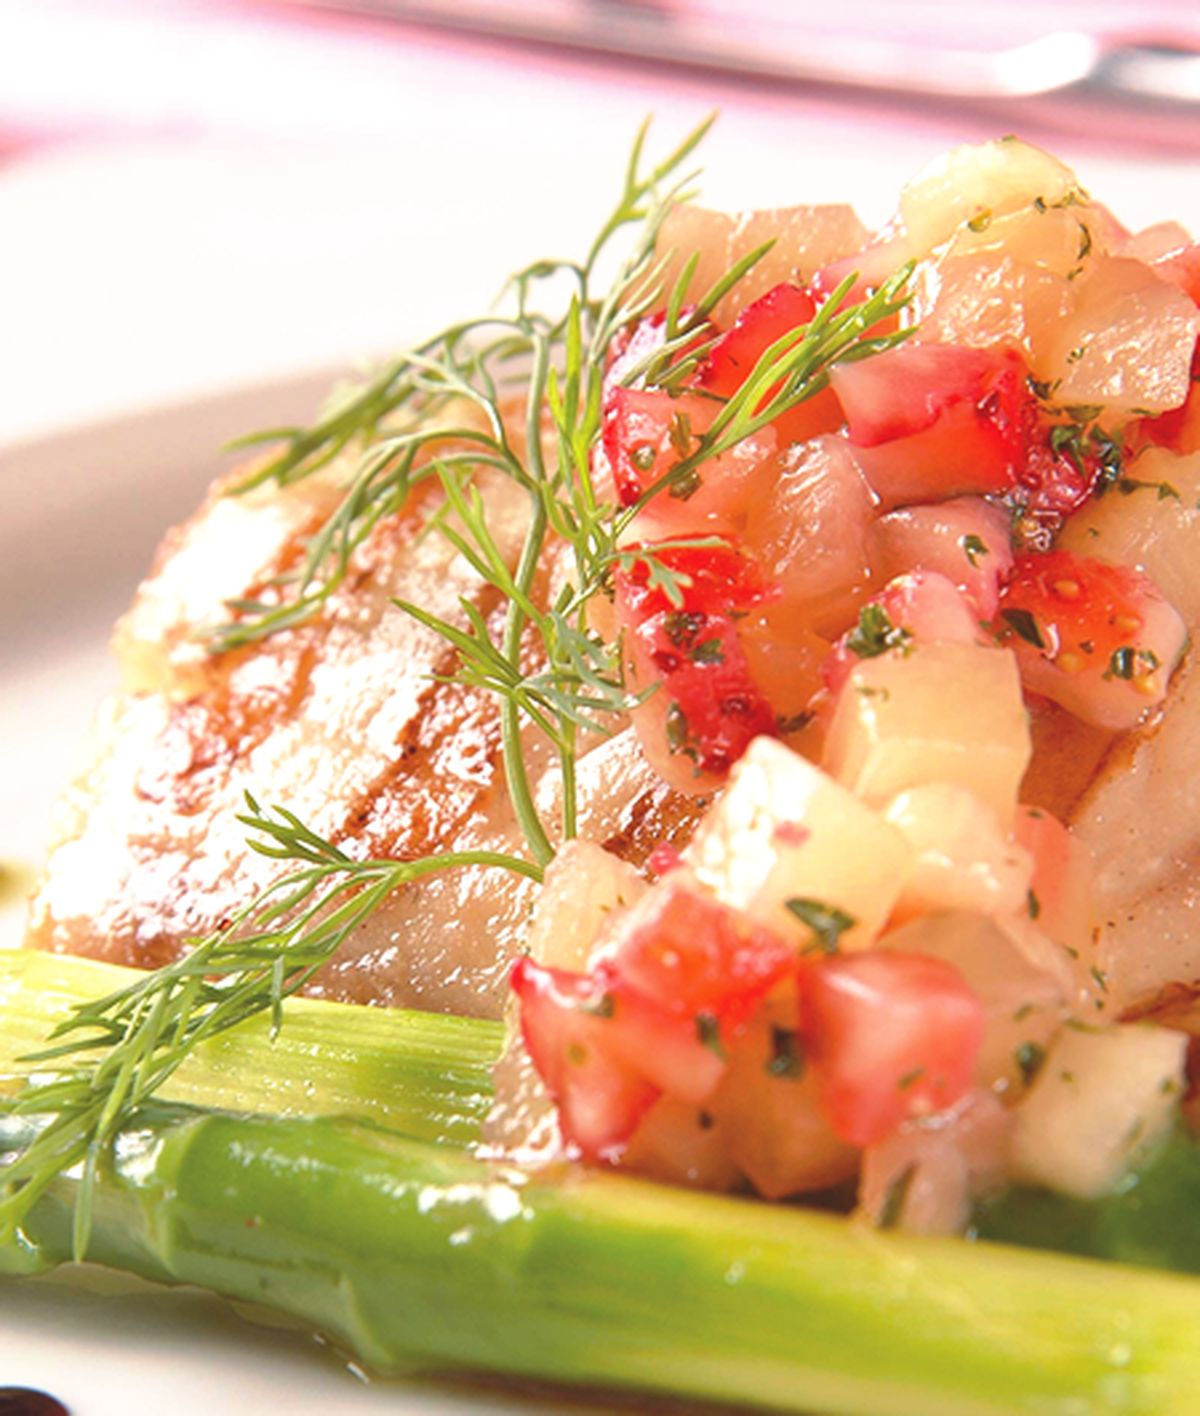 食譜:碳烤真鯛魚佐薄荷莓丁